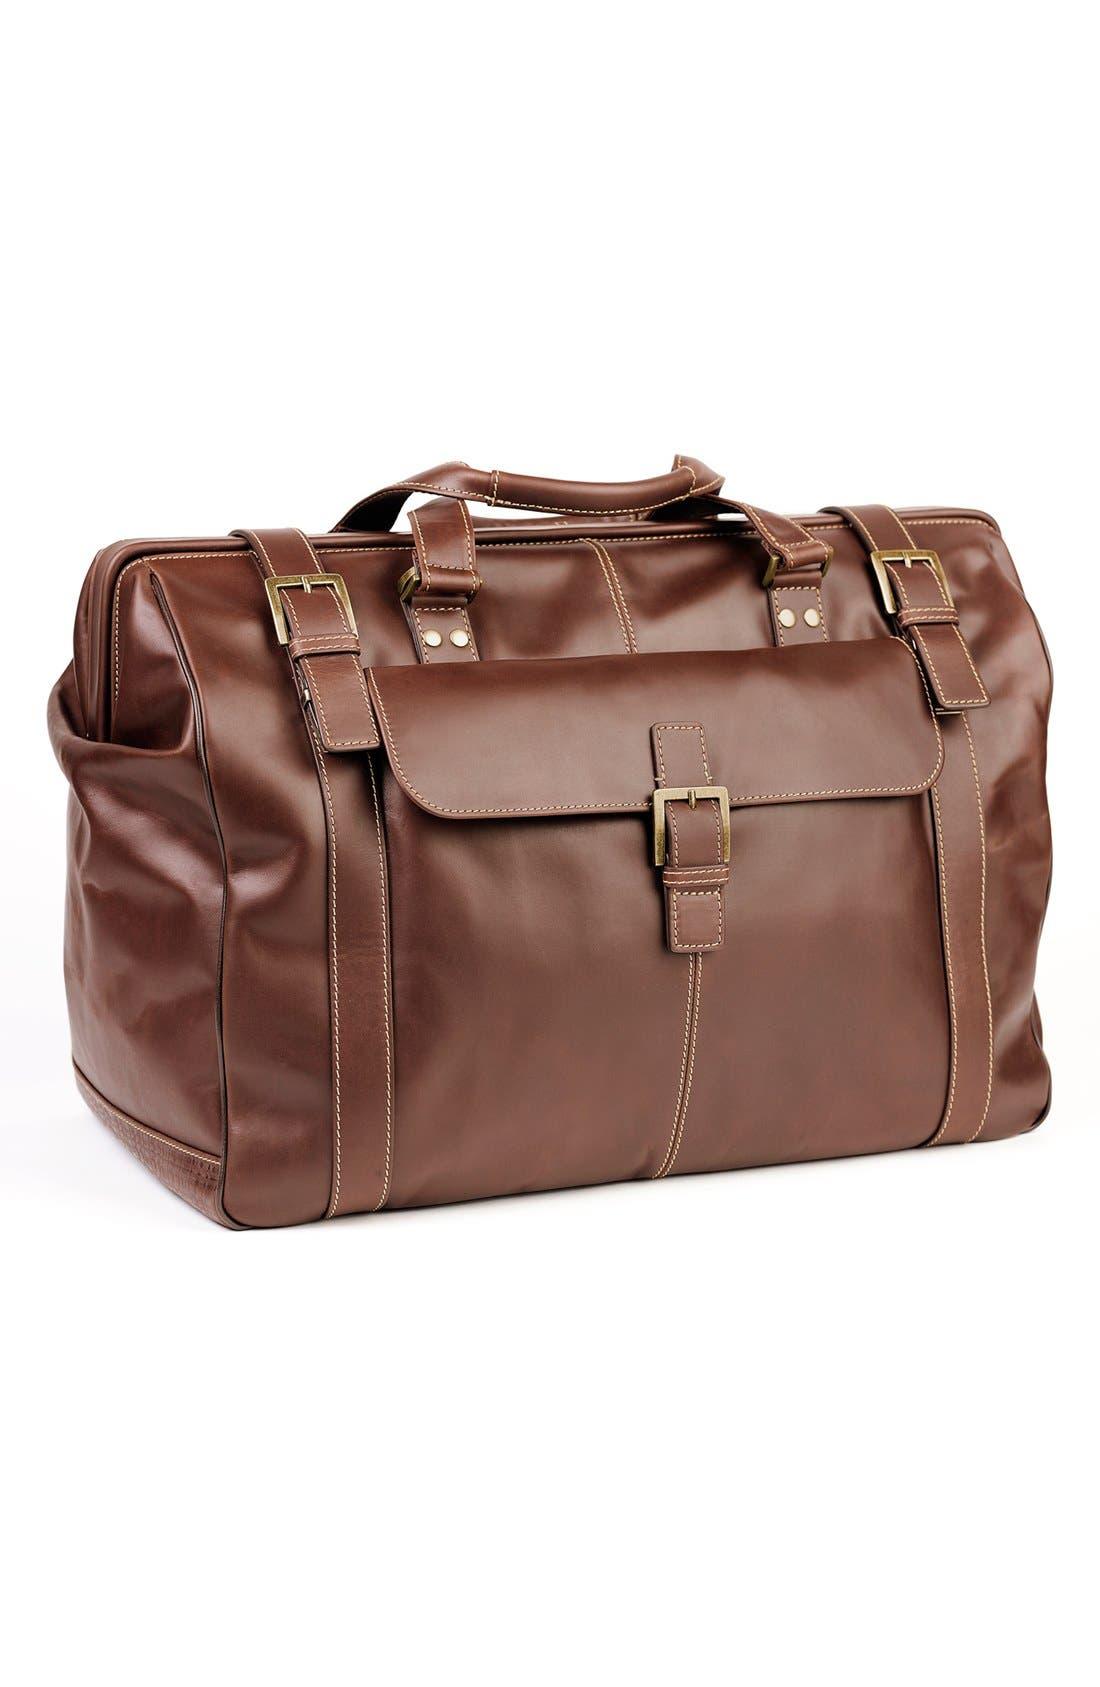 Boconi 'Bryant' Duffel Bag